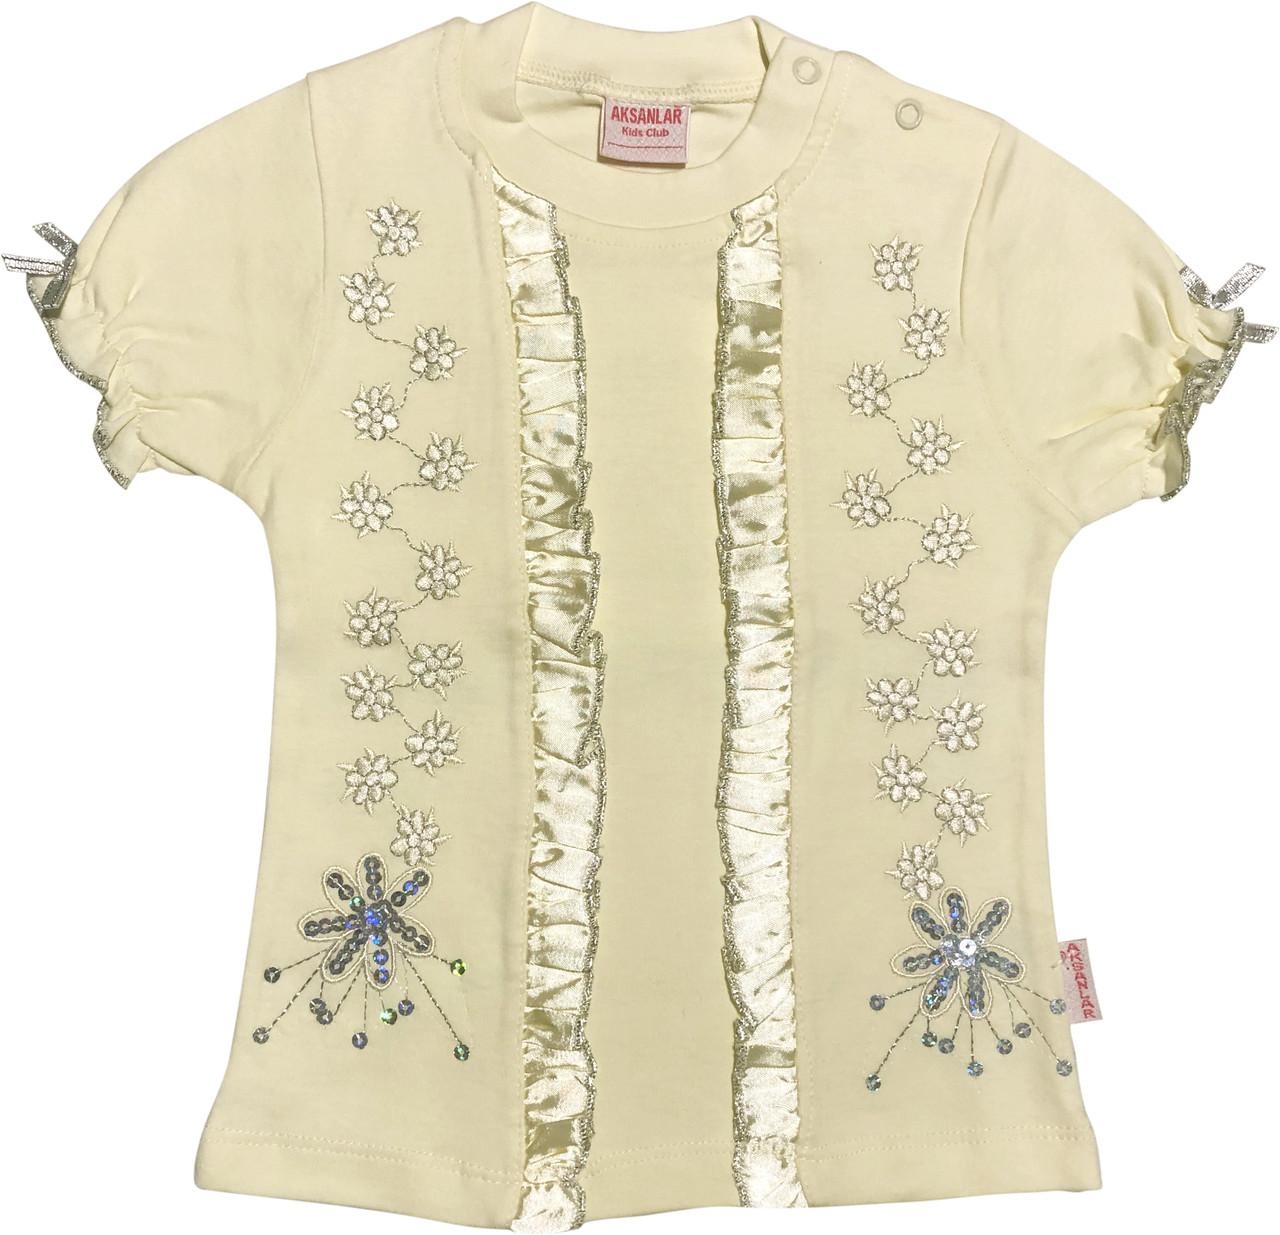 Дитяча футболка з паєтками на дівчинку ріст 92 1,5-2 роки для малюків стильна ошатна трикотажна жовта